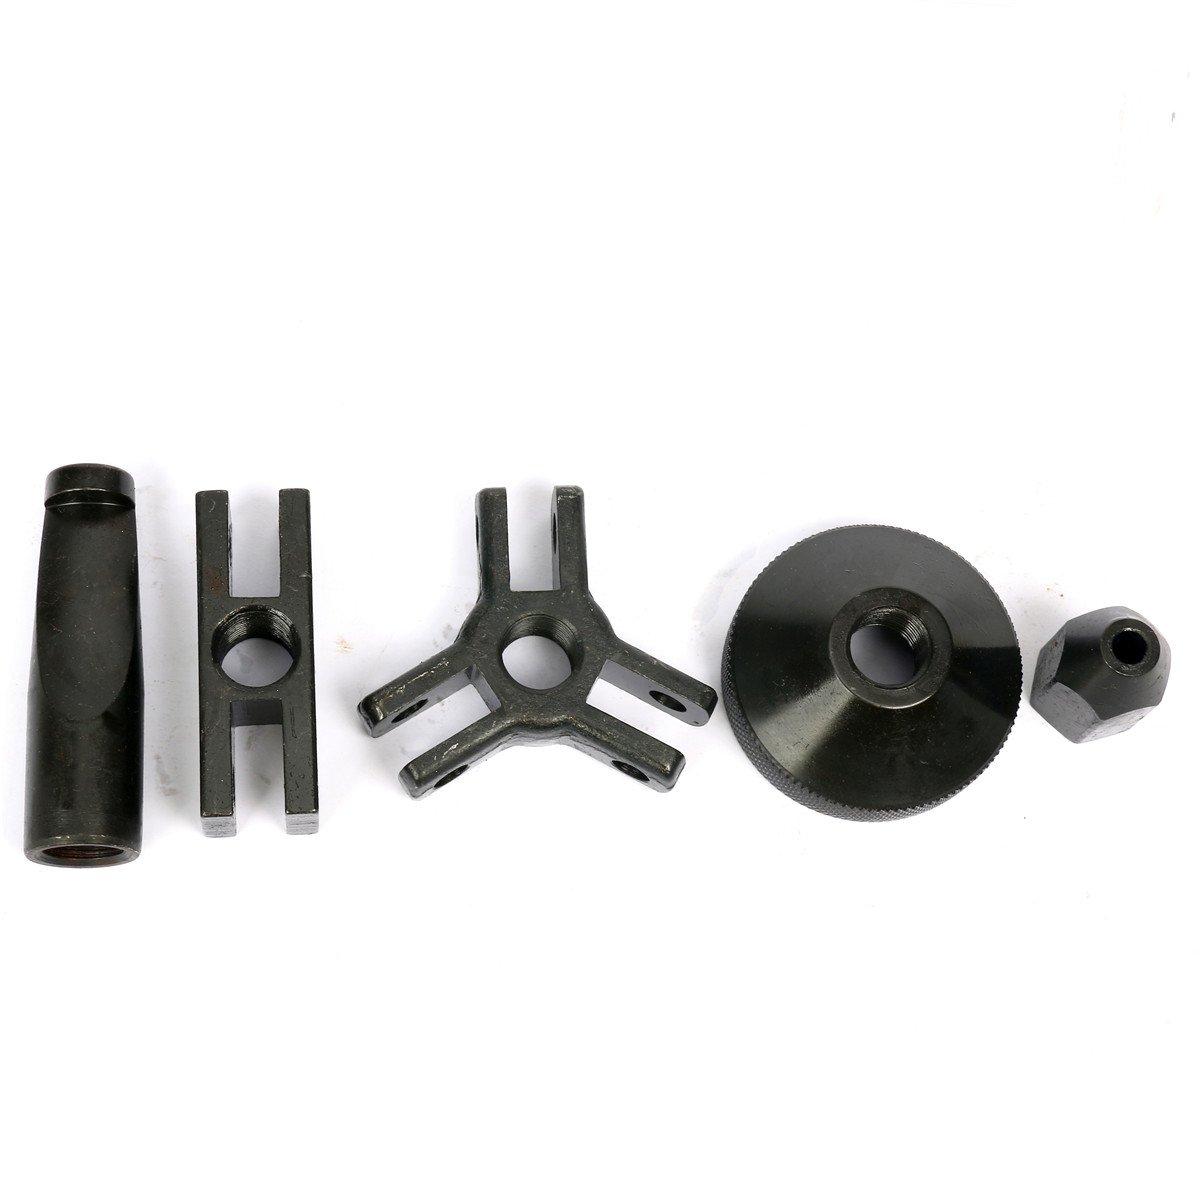 bujes y lunas FreeTec Extractor de cojinetes y cubos de ruedas herramientas con martillo deslizante